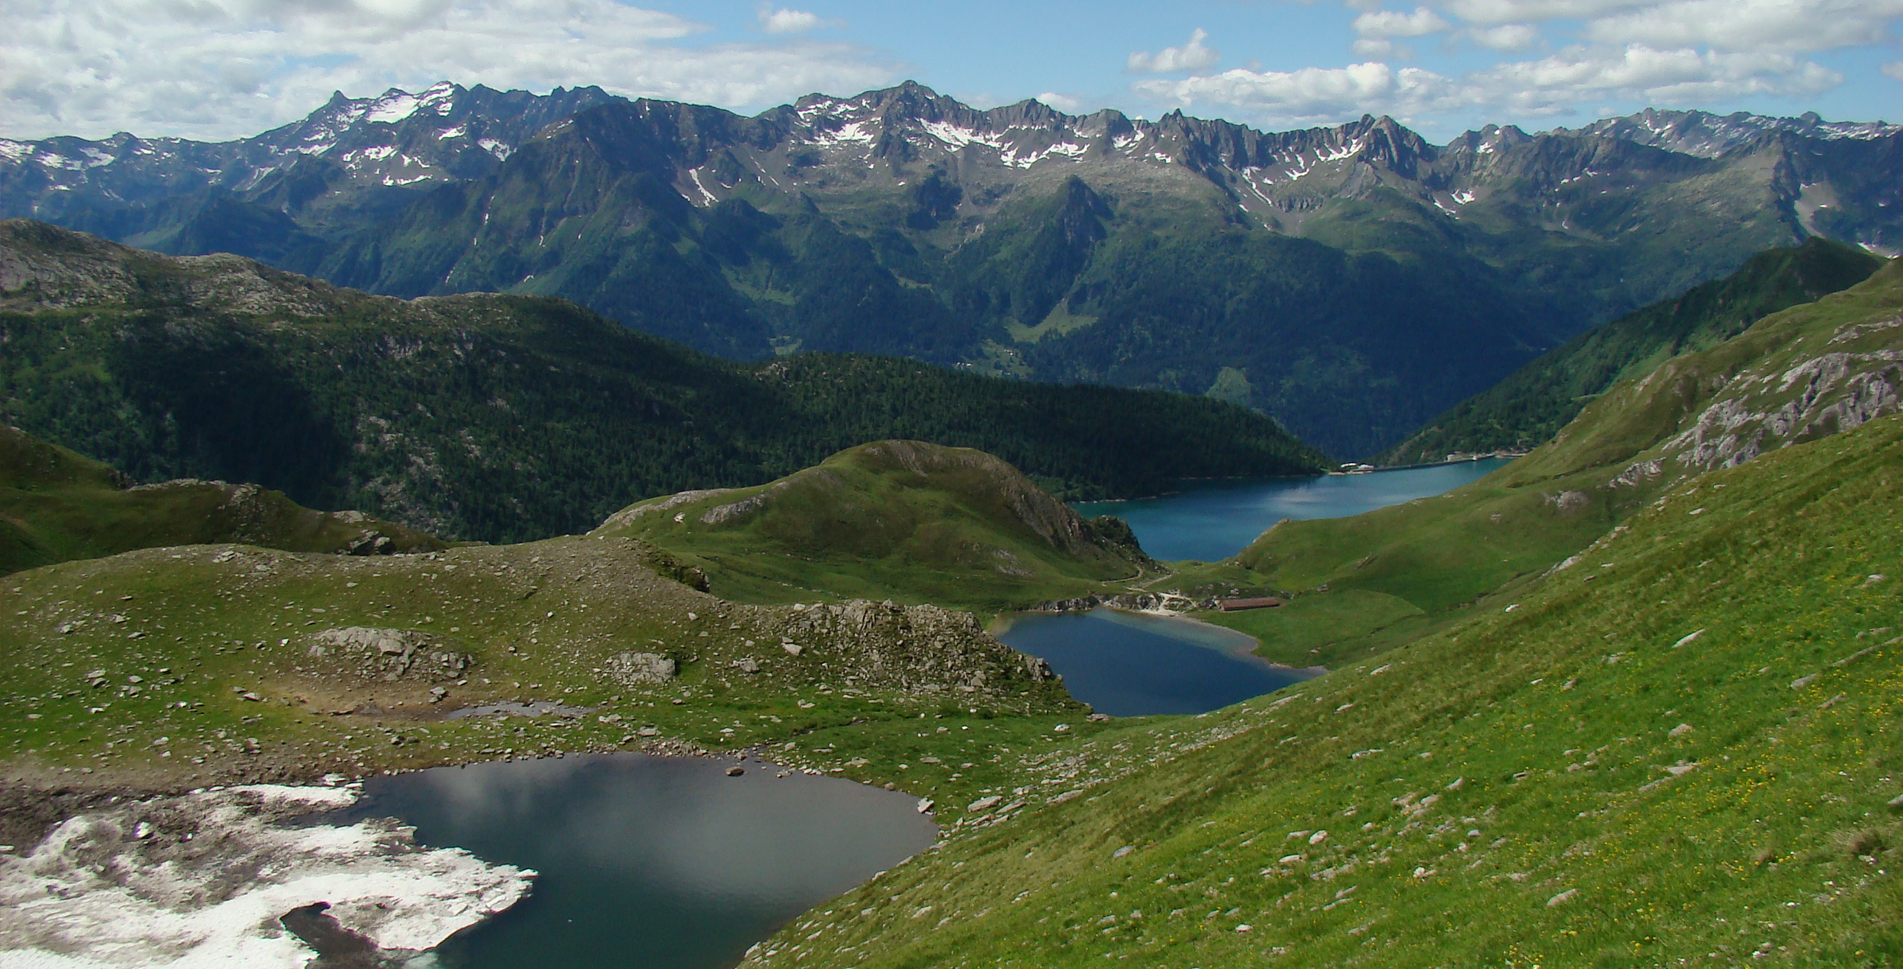 Rundwanderung im Val Piora von Piora zum Lago Ritom, Lago di Tom und zur Cadlimohütte